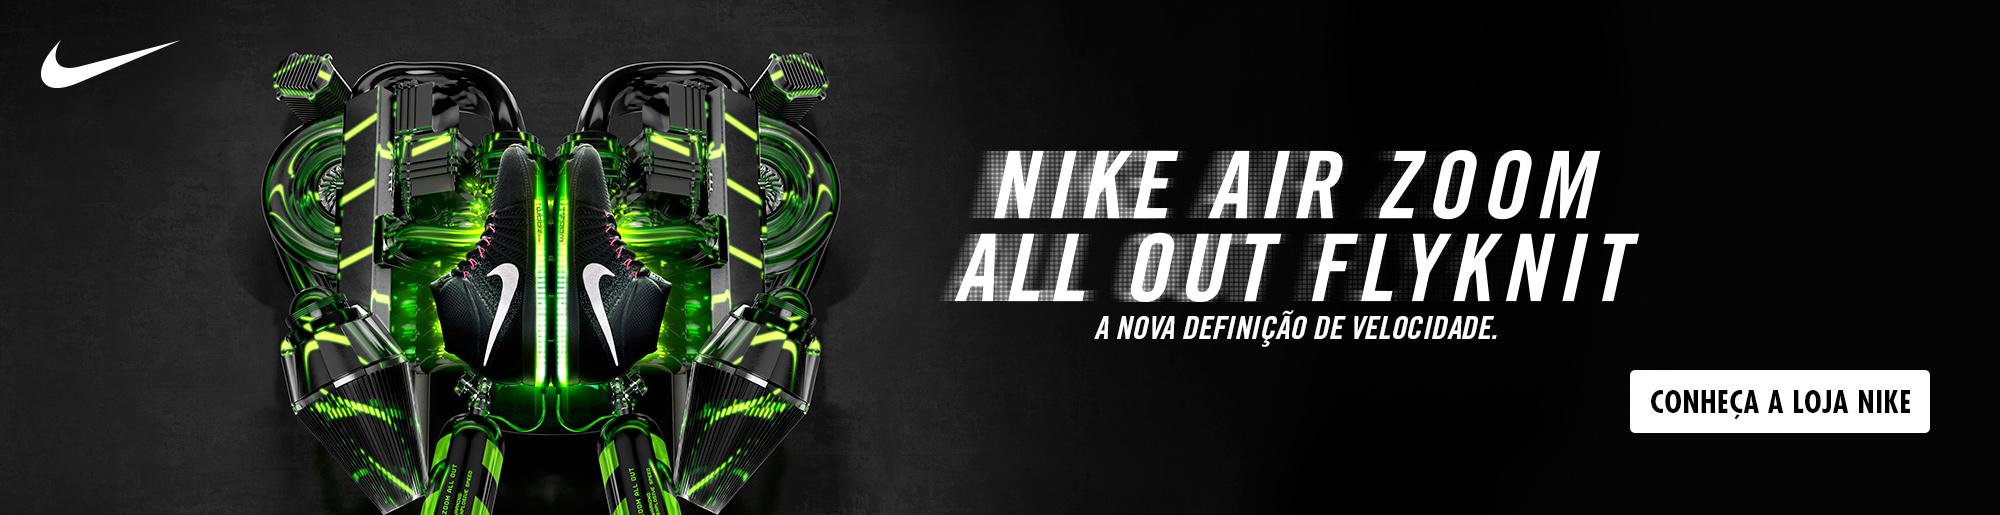 Loja Nike